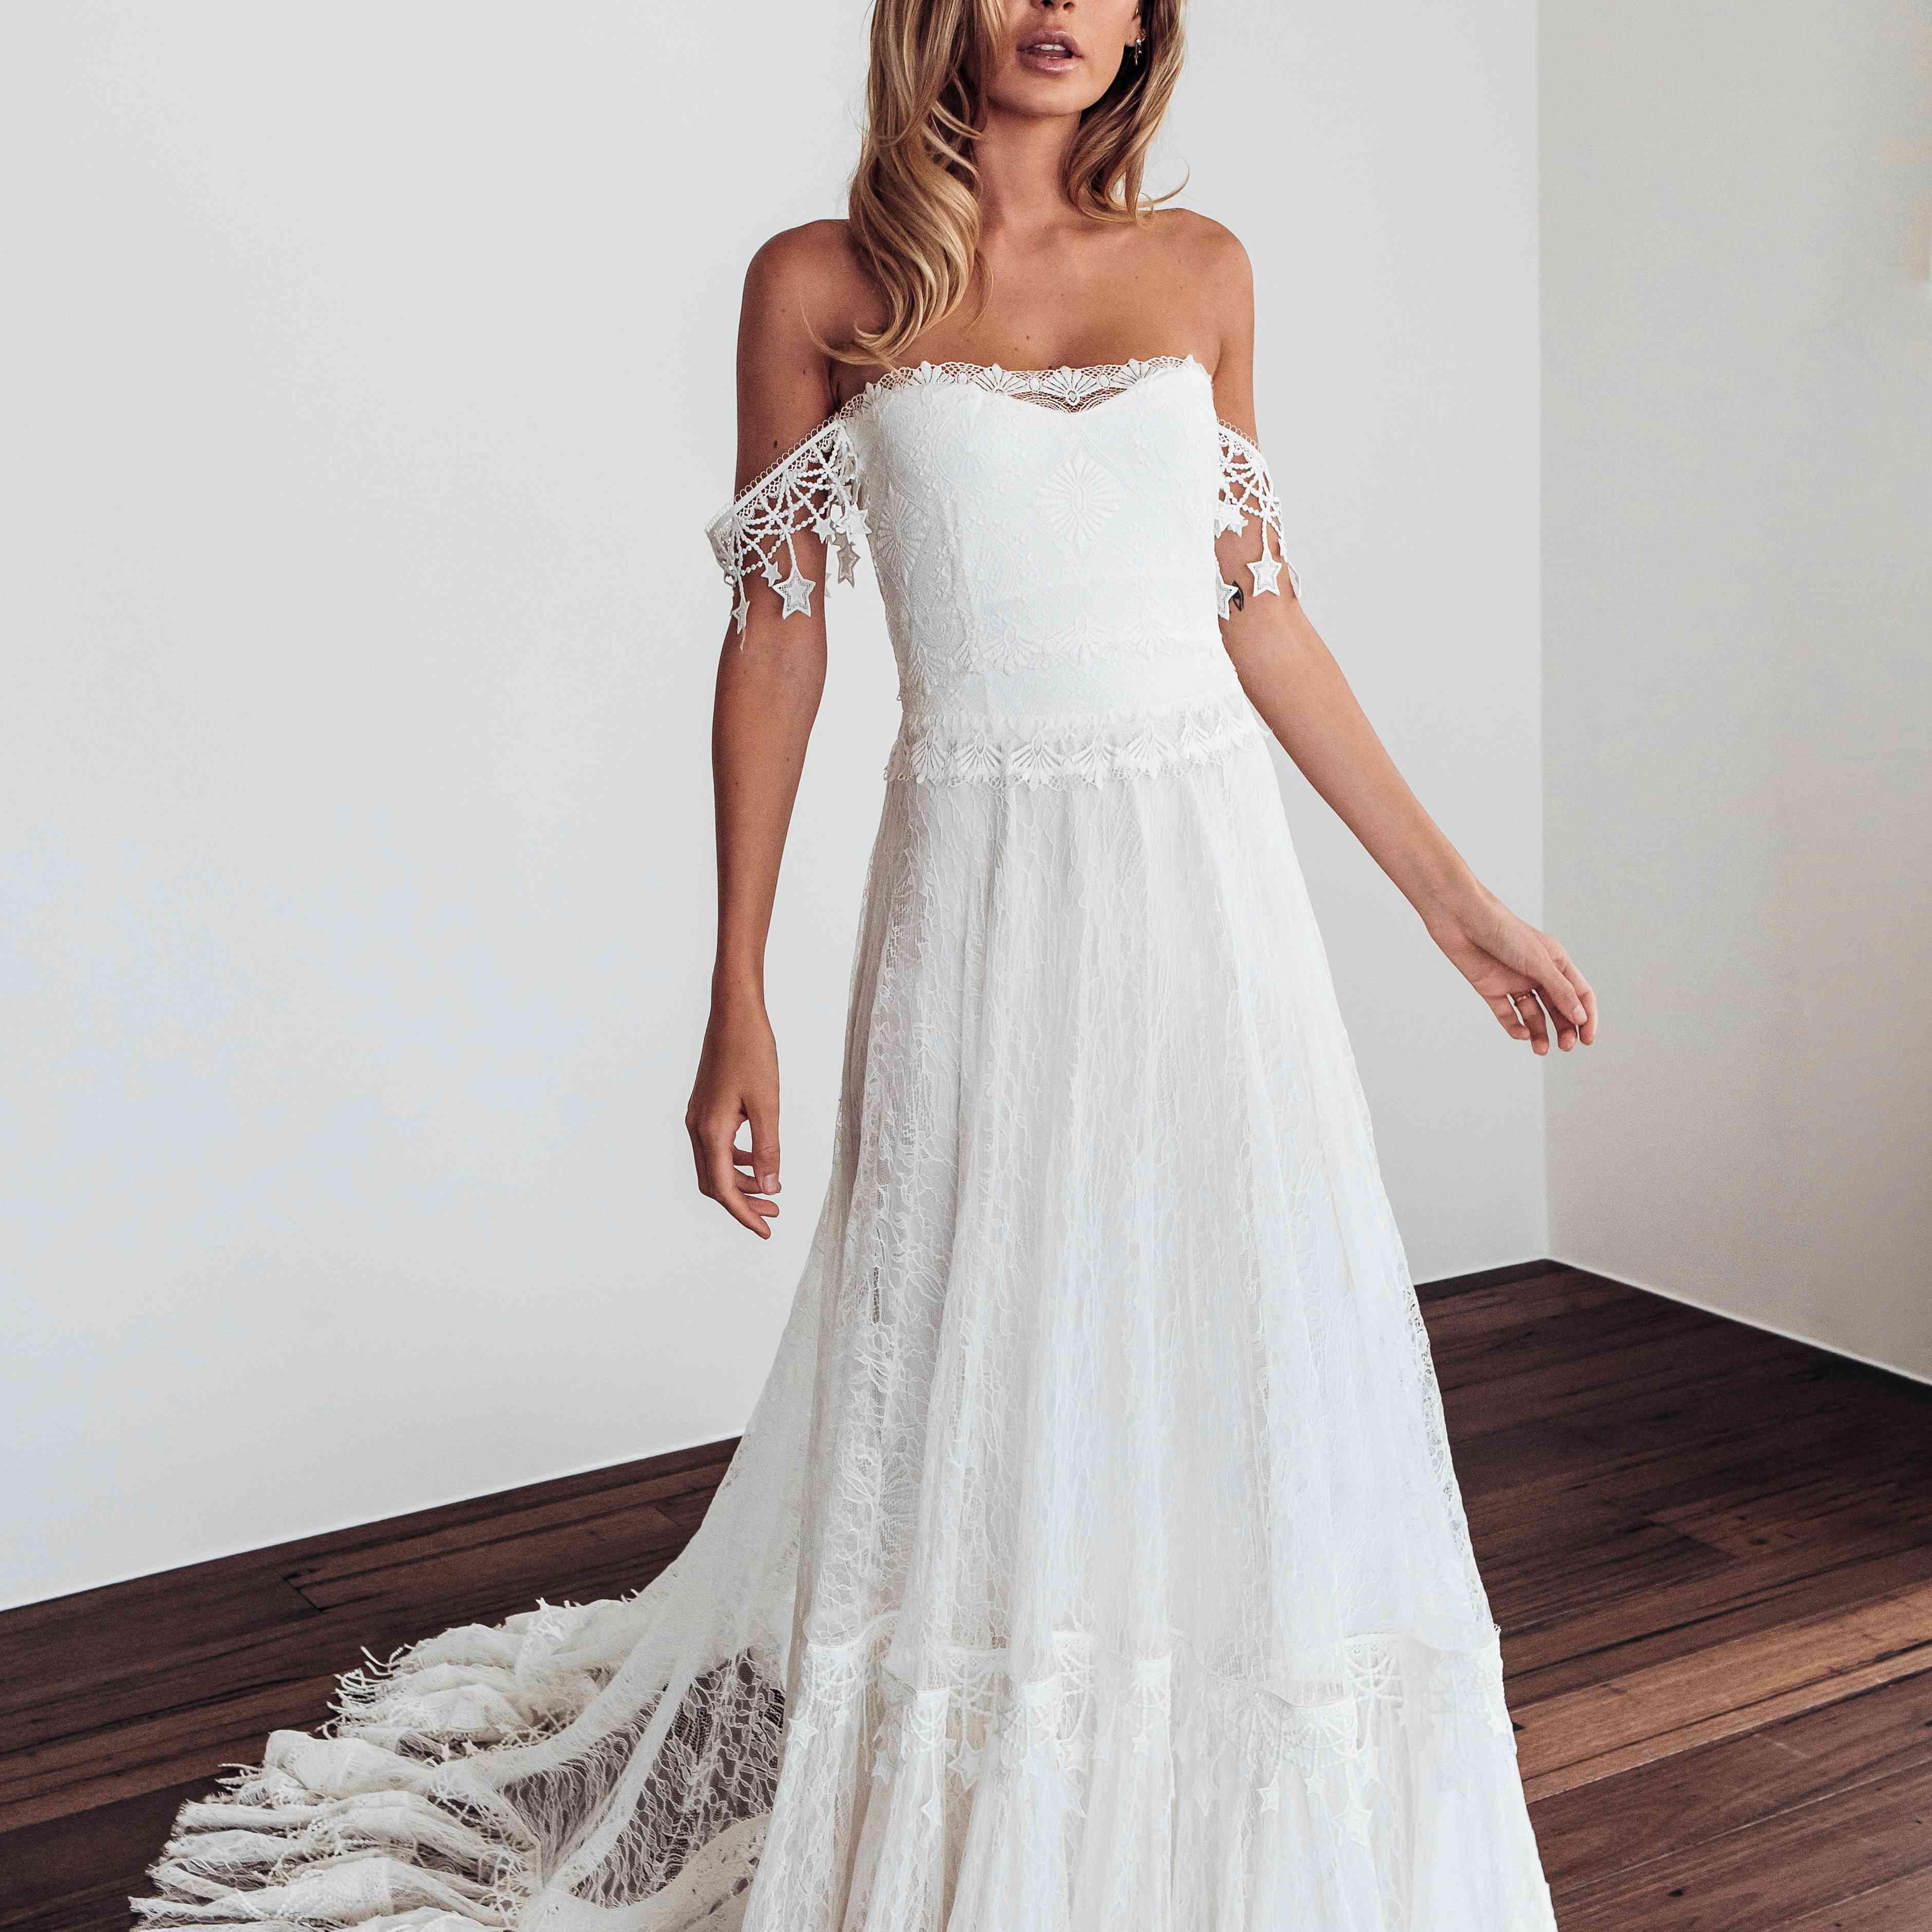 Fabienne off-the-shoulder wedding dress